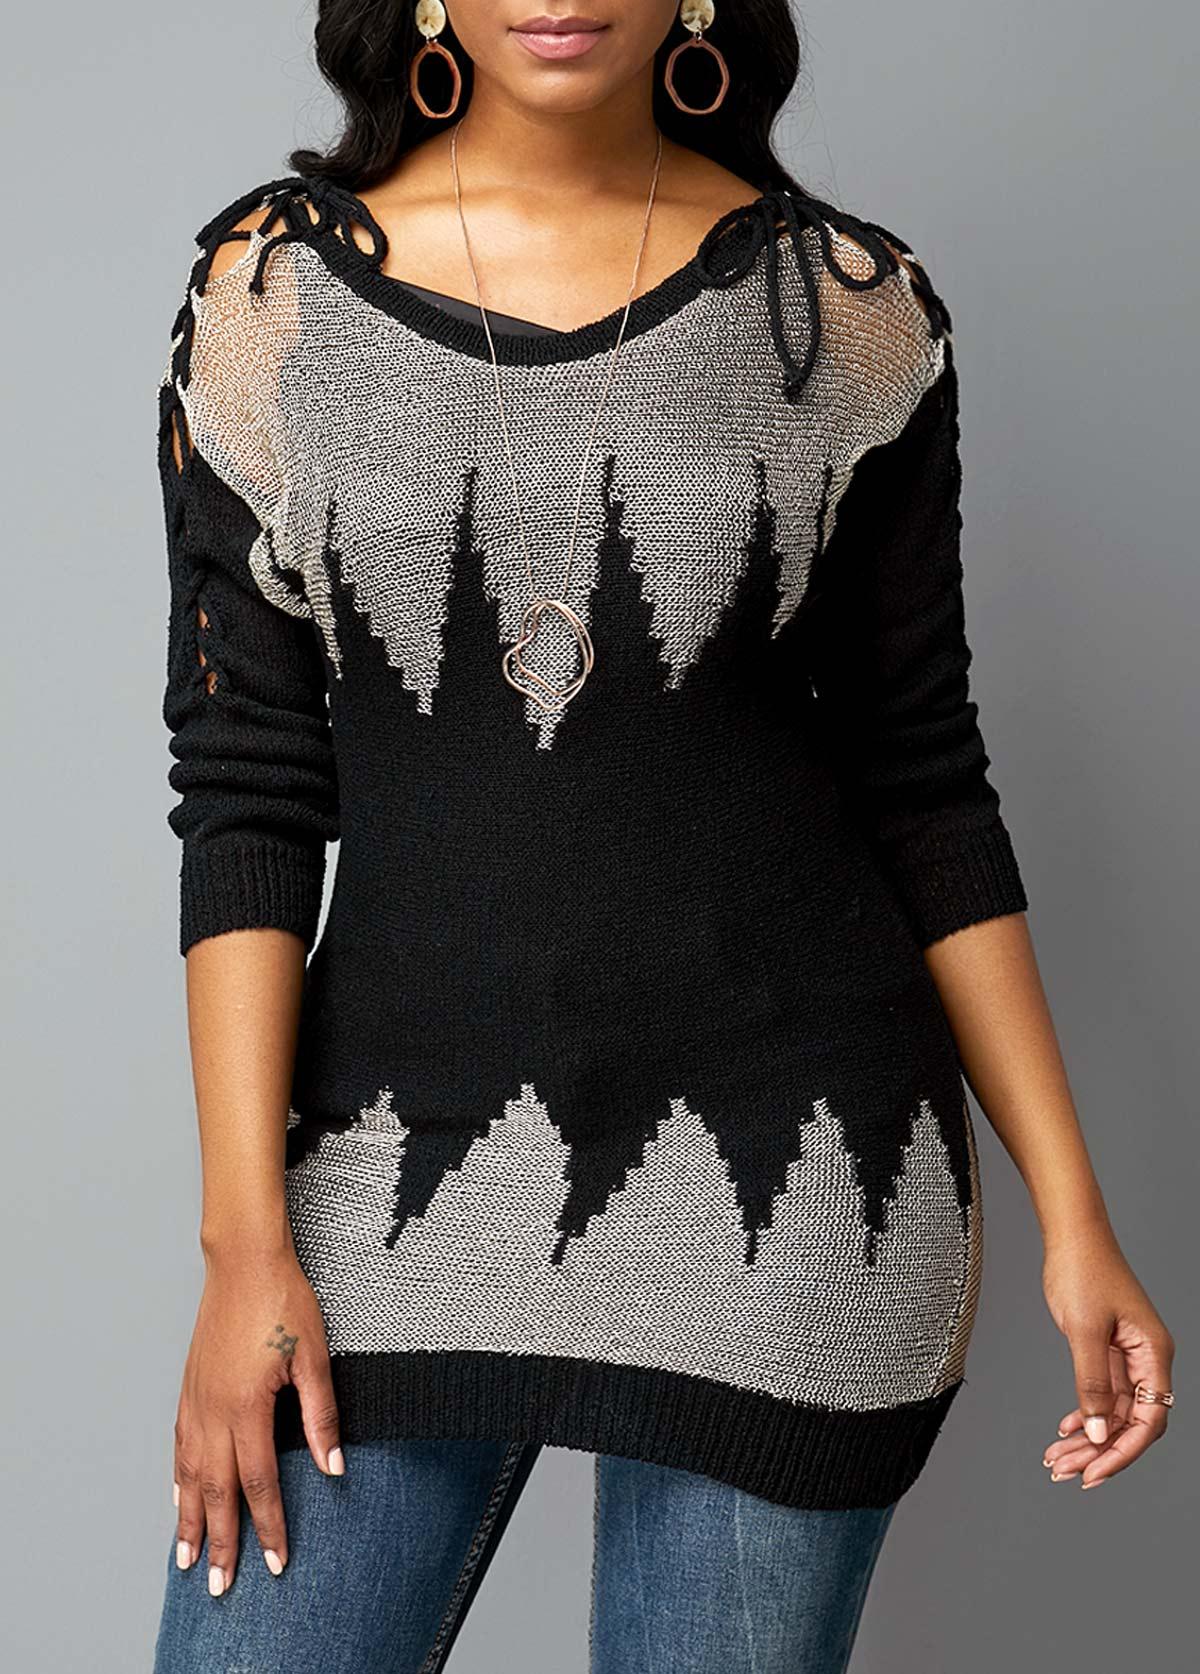 ROTITA Round Neck Geometric Pattern Lace Up Sleeve Sweater